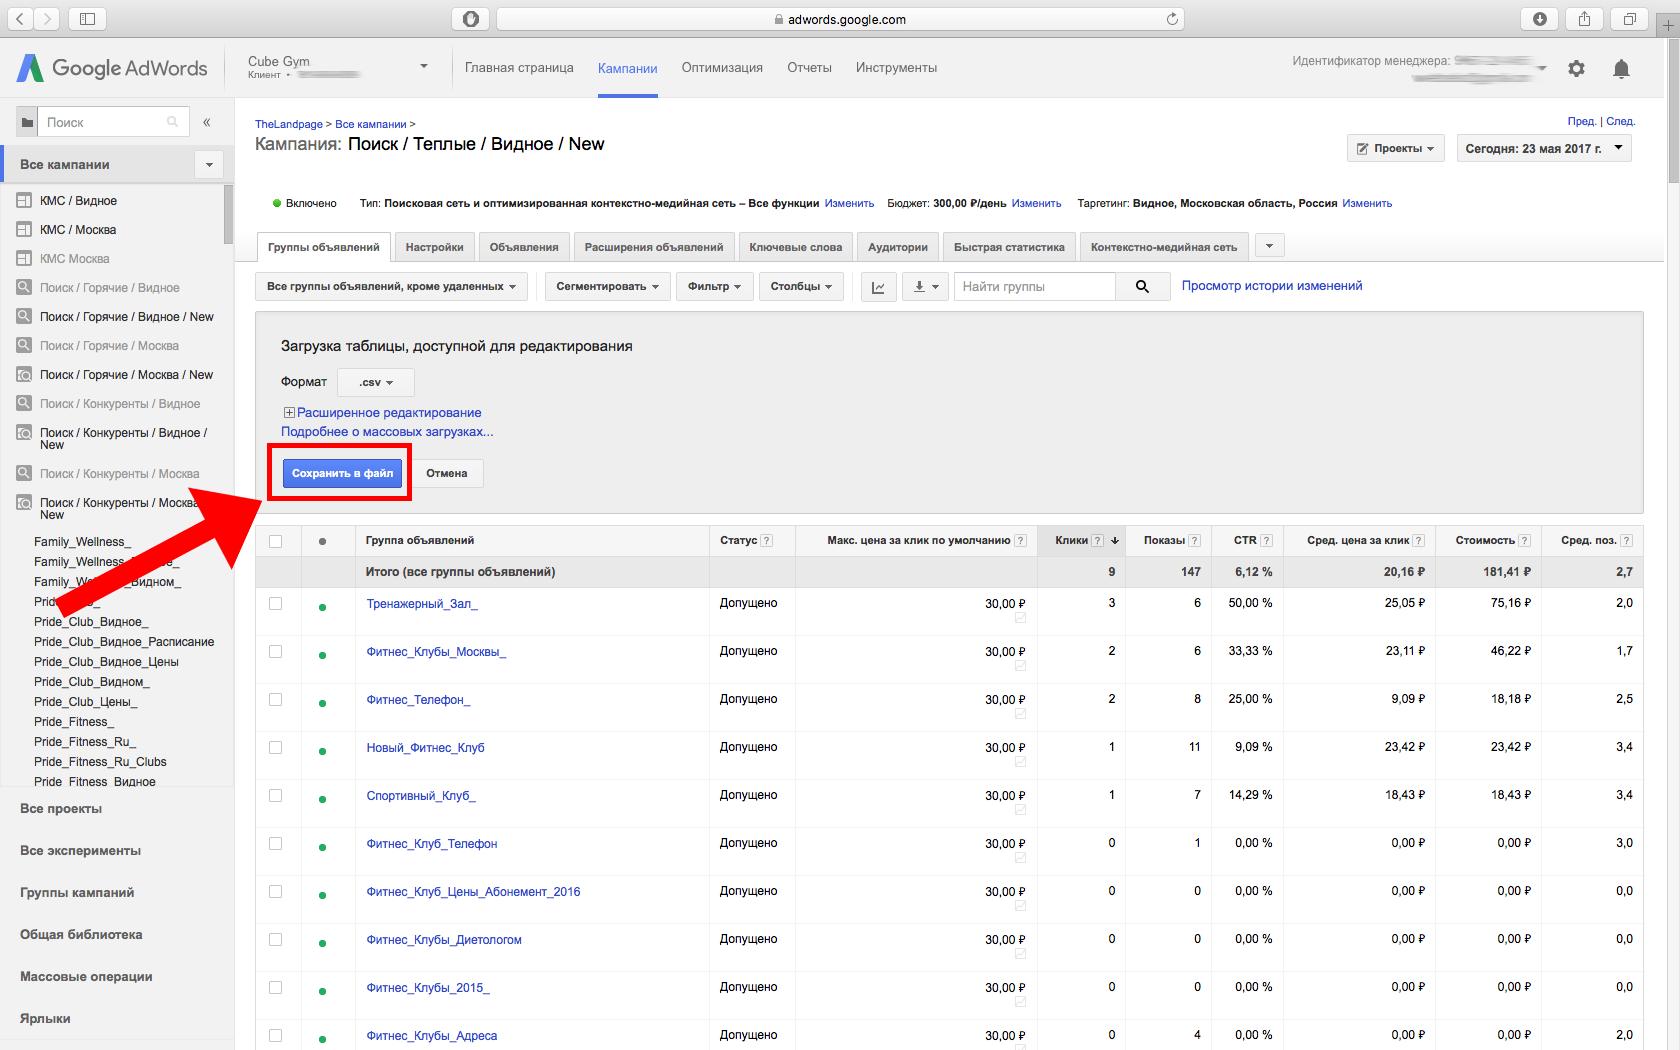 как выгрузить компанию с гугл адвордс